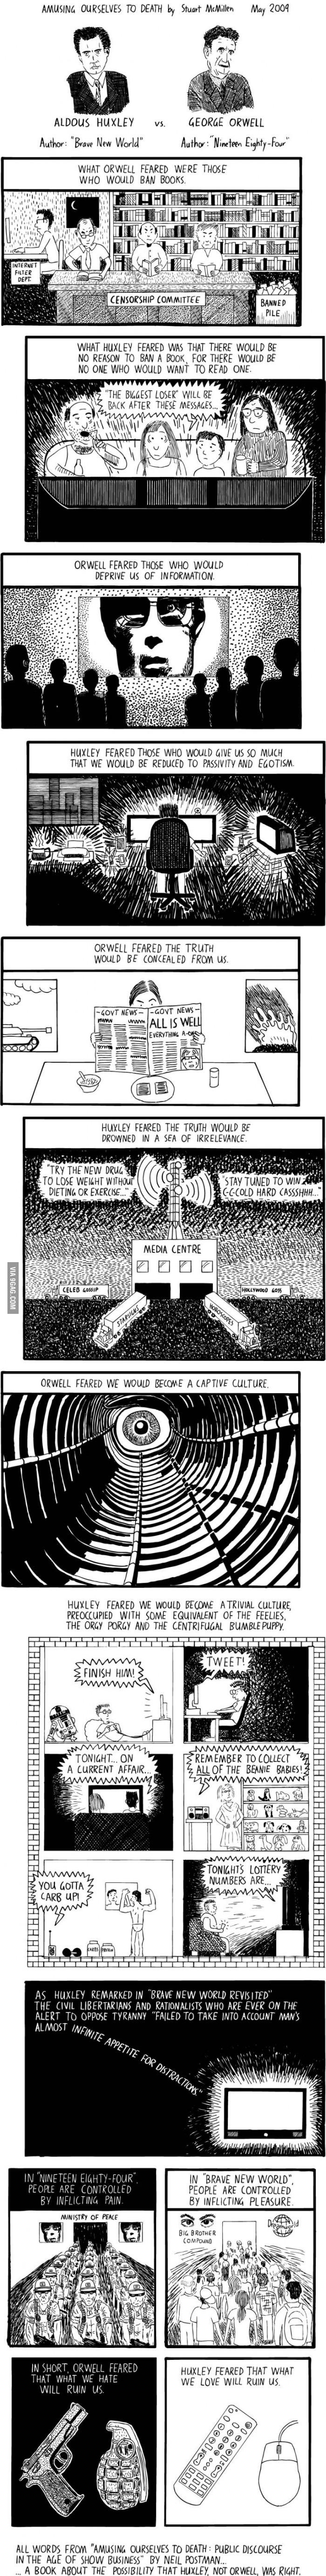 Resumen gráfico del libro 'Divertirnos hasta morir' de Neil Postman, por Stuart McMillen, comparando los libros 1984 de Orwell y Un mundo nuevo de Huxley